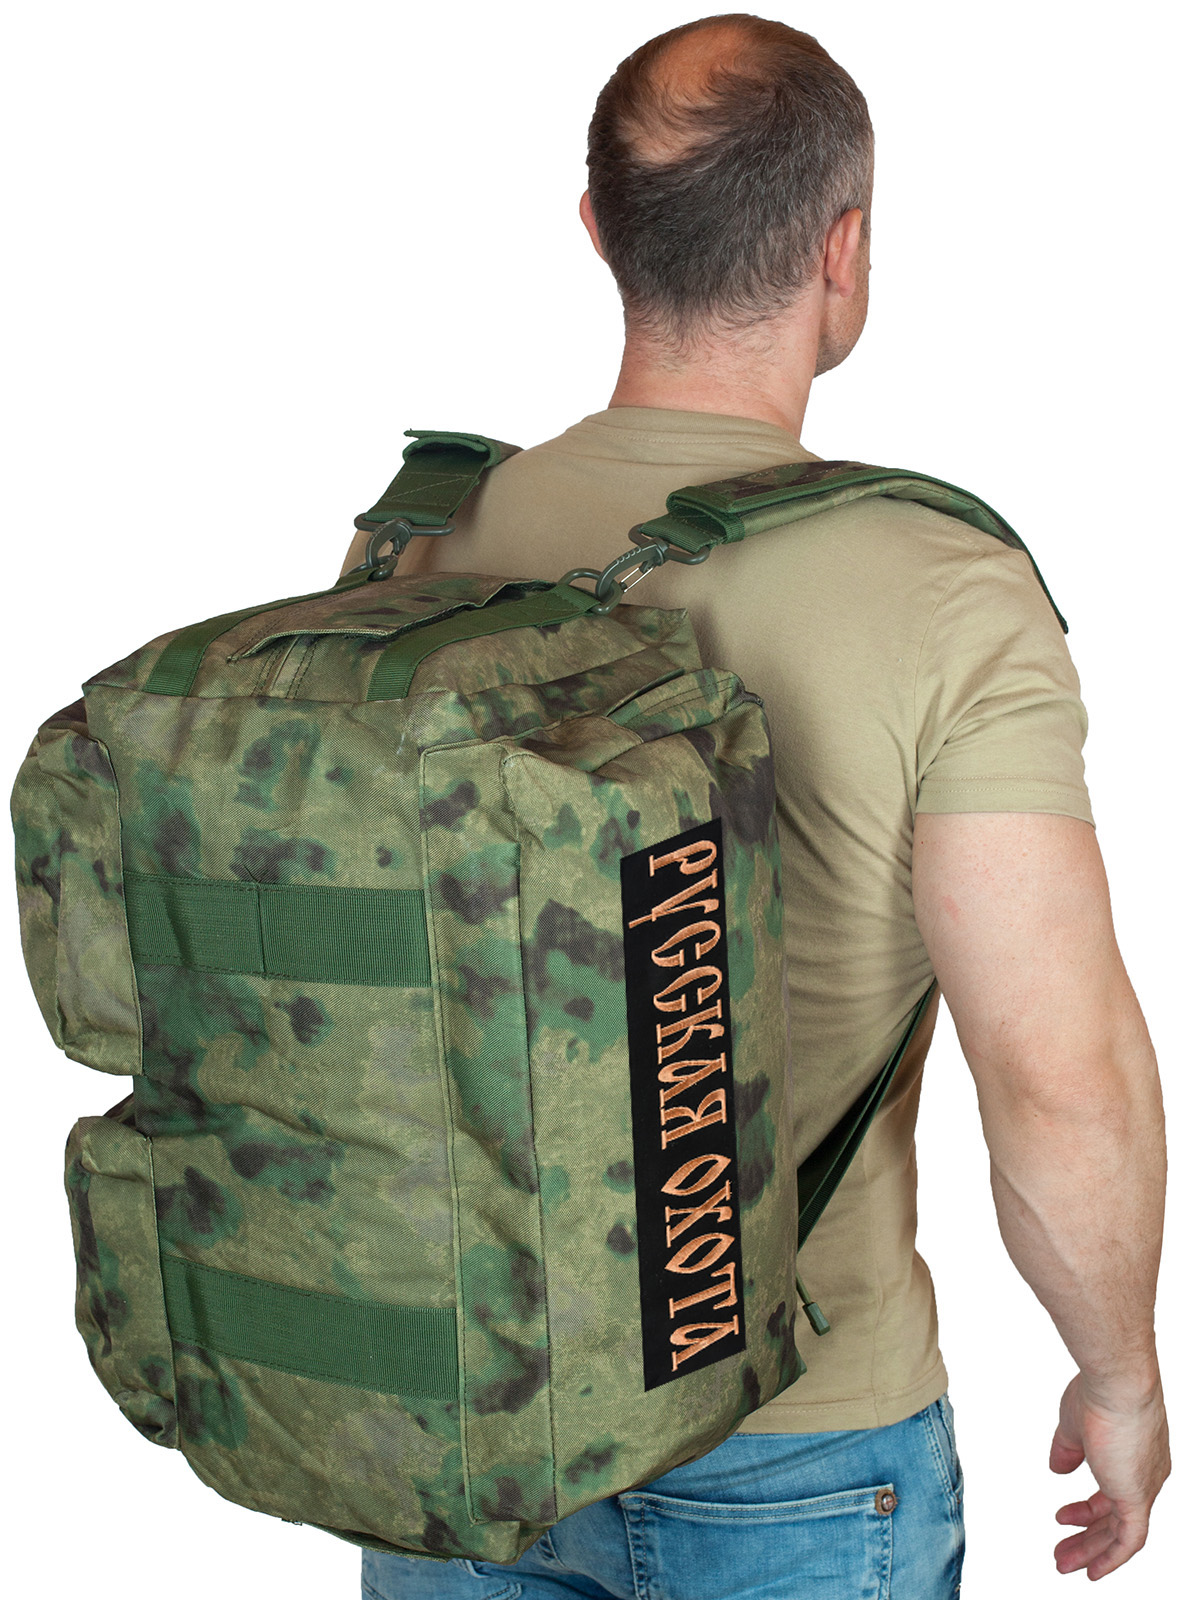 Купить камуфляжную заплечную сумку с нашивкой Русская Охота по сниженной цене